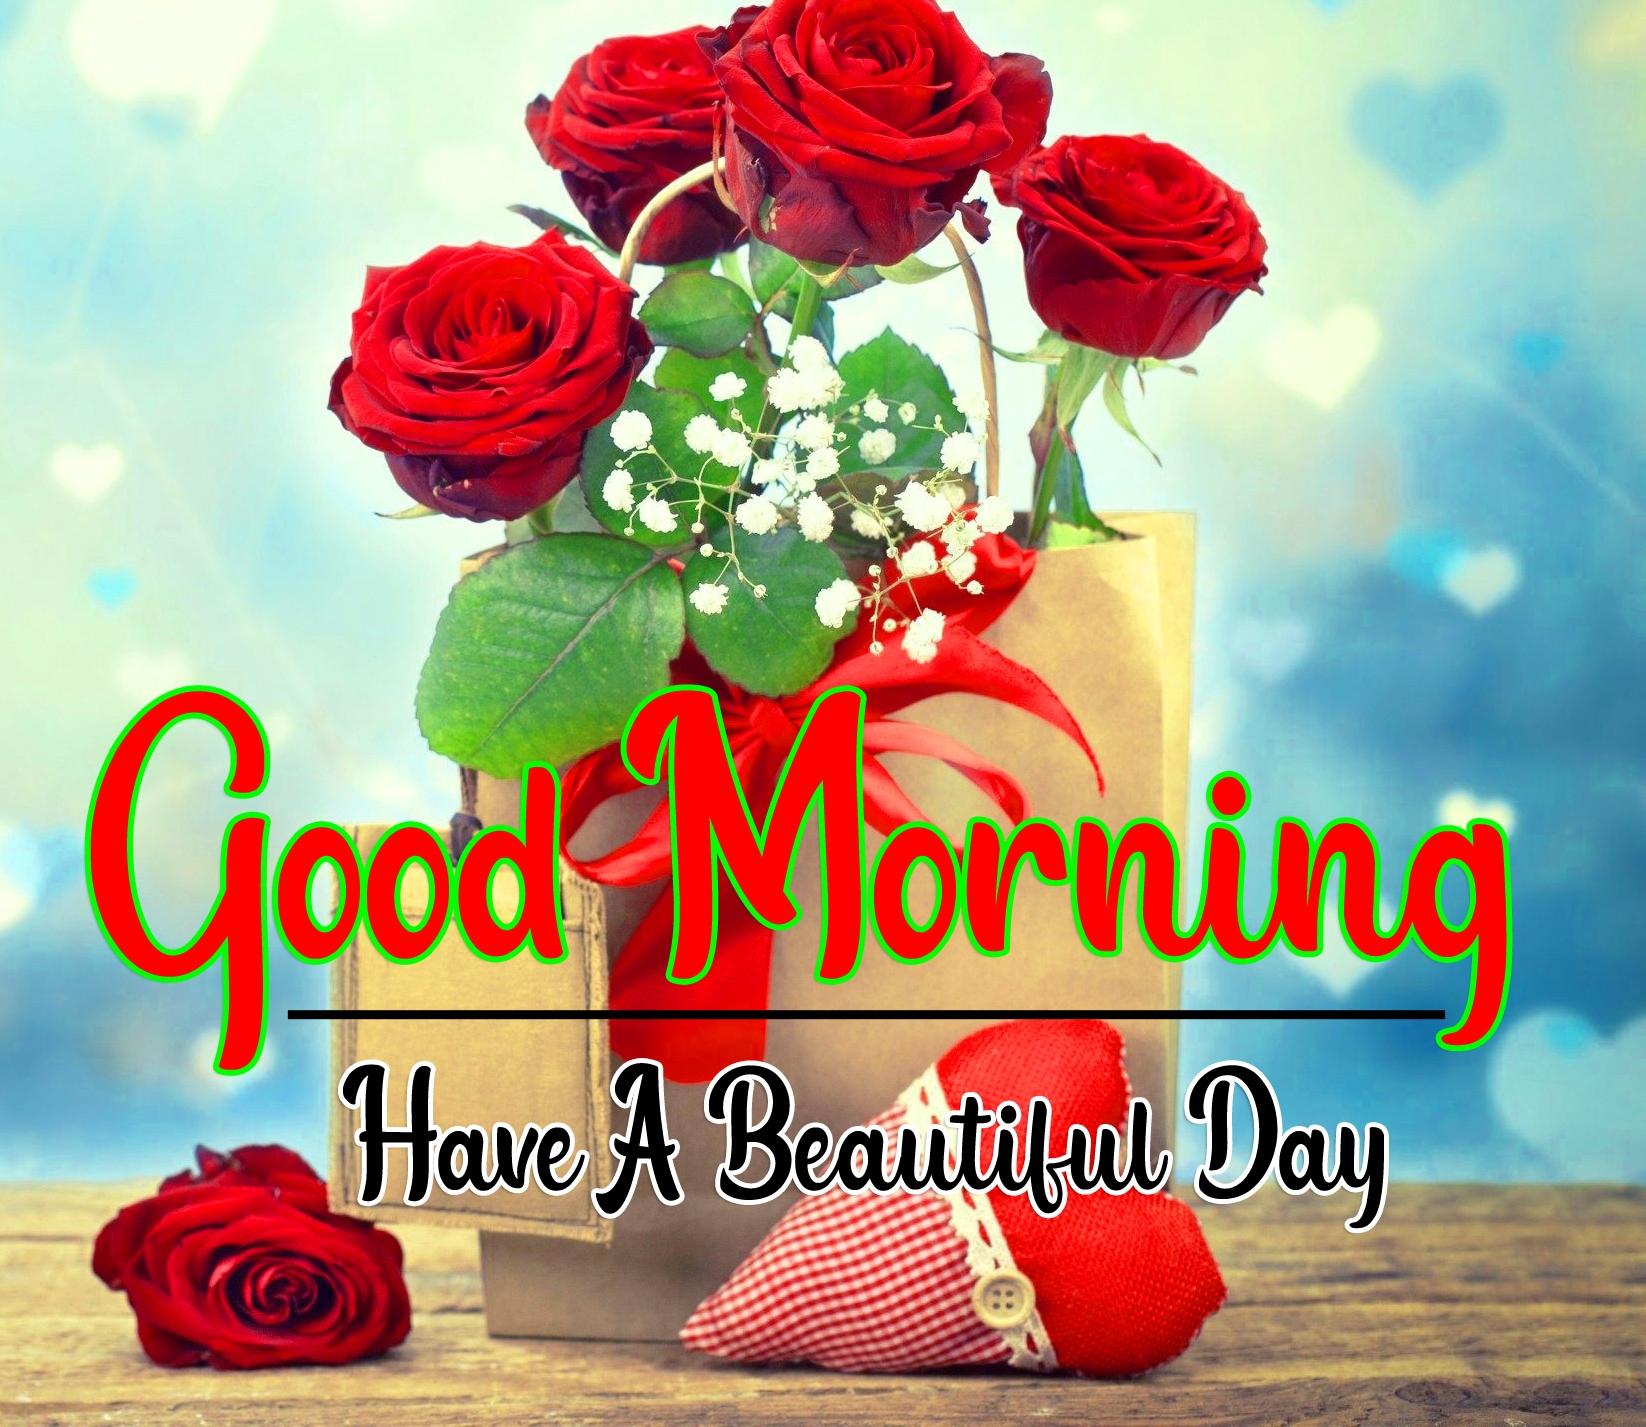 Special Good Morning Wallpaper 18